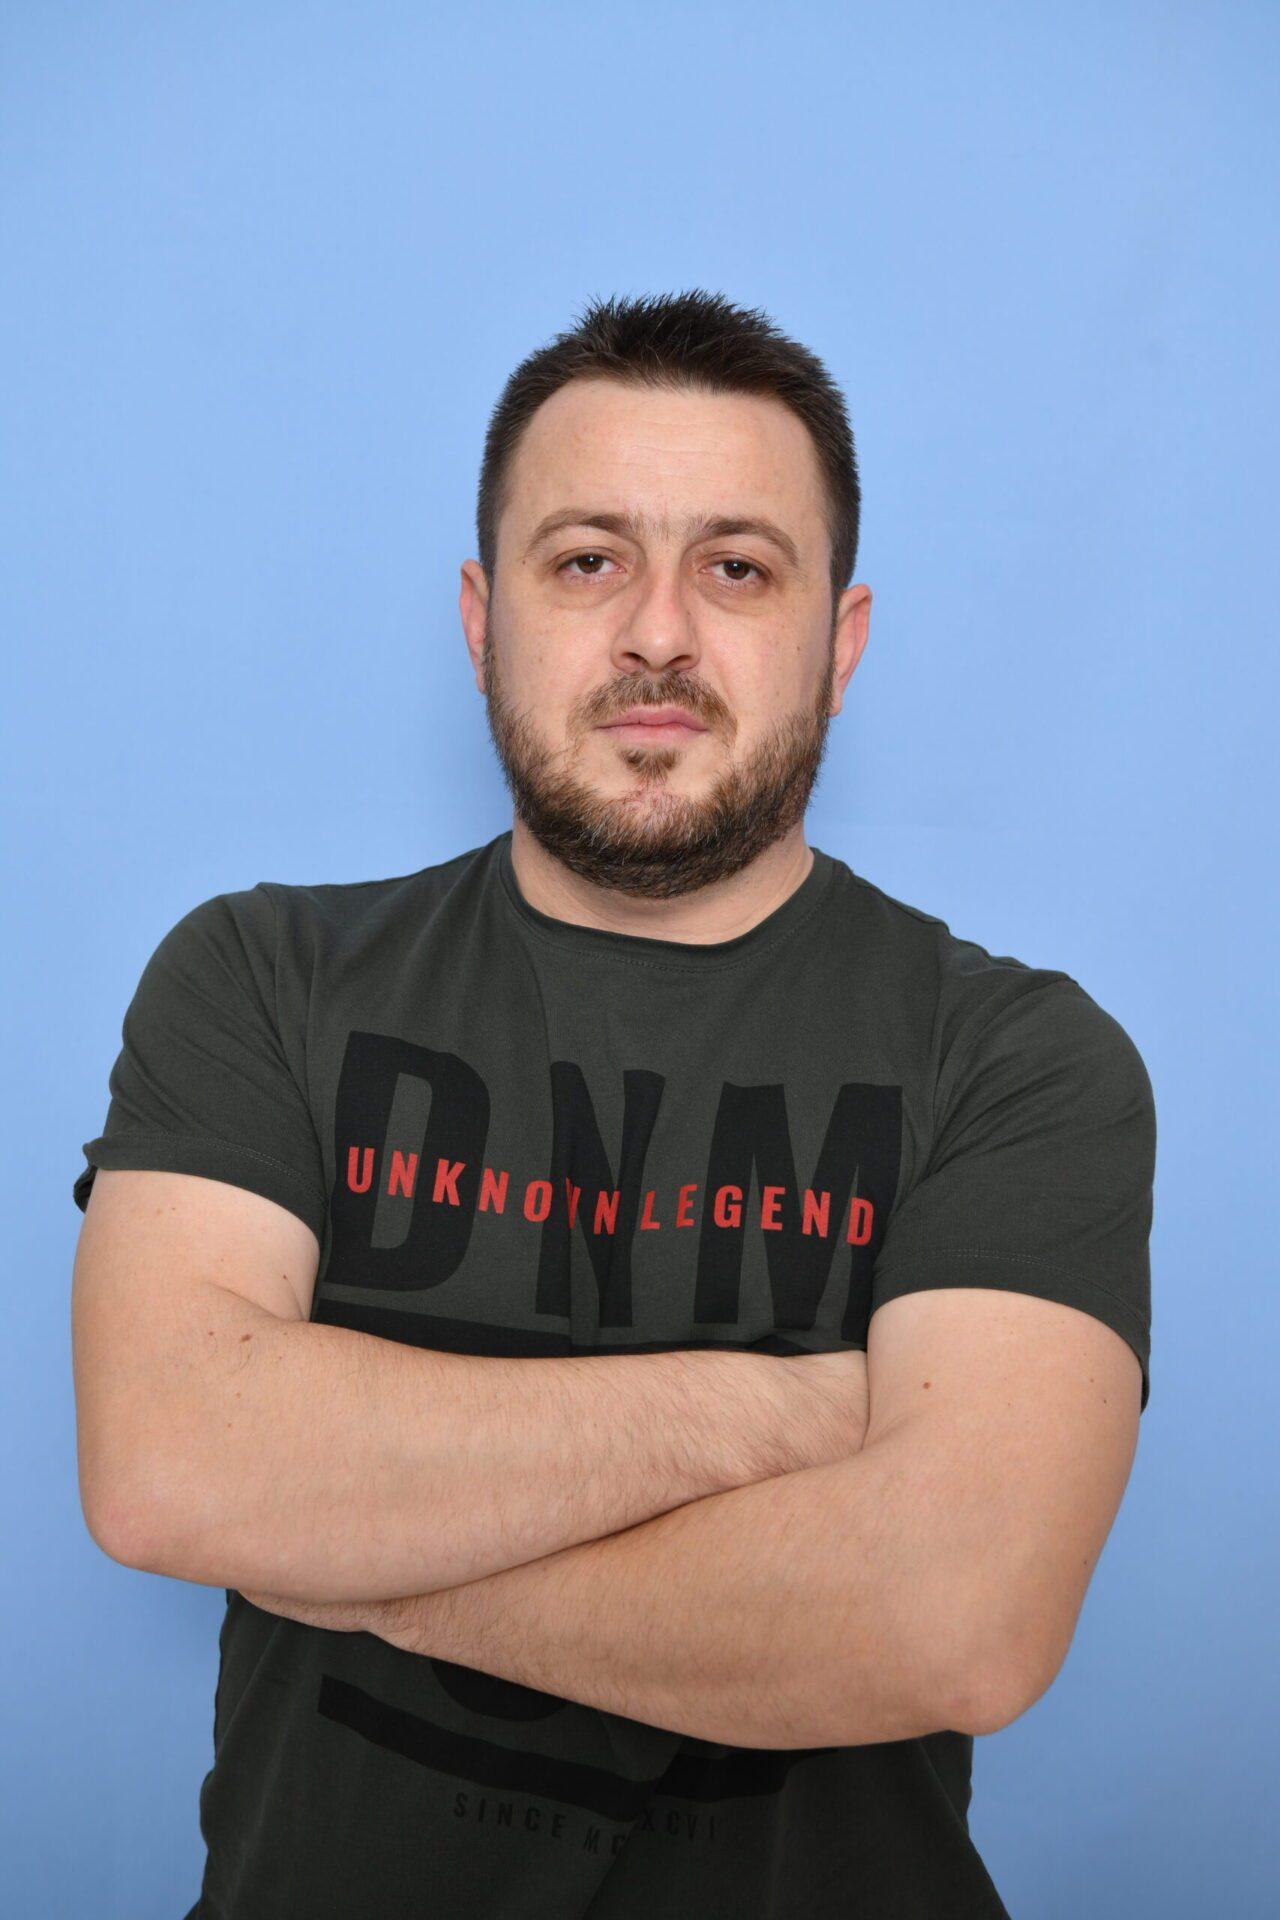 Миомир Станковић